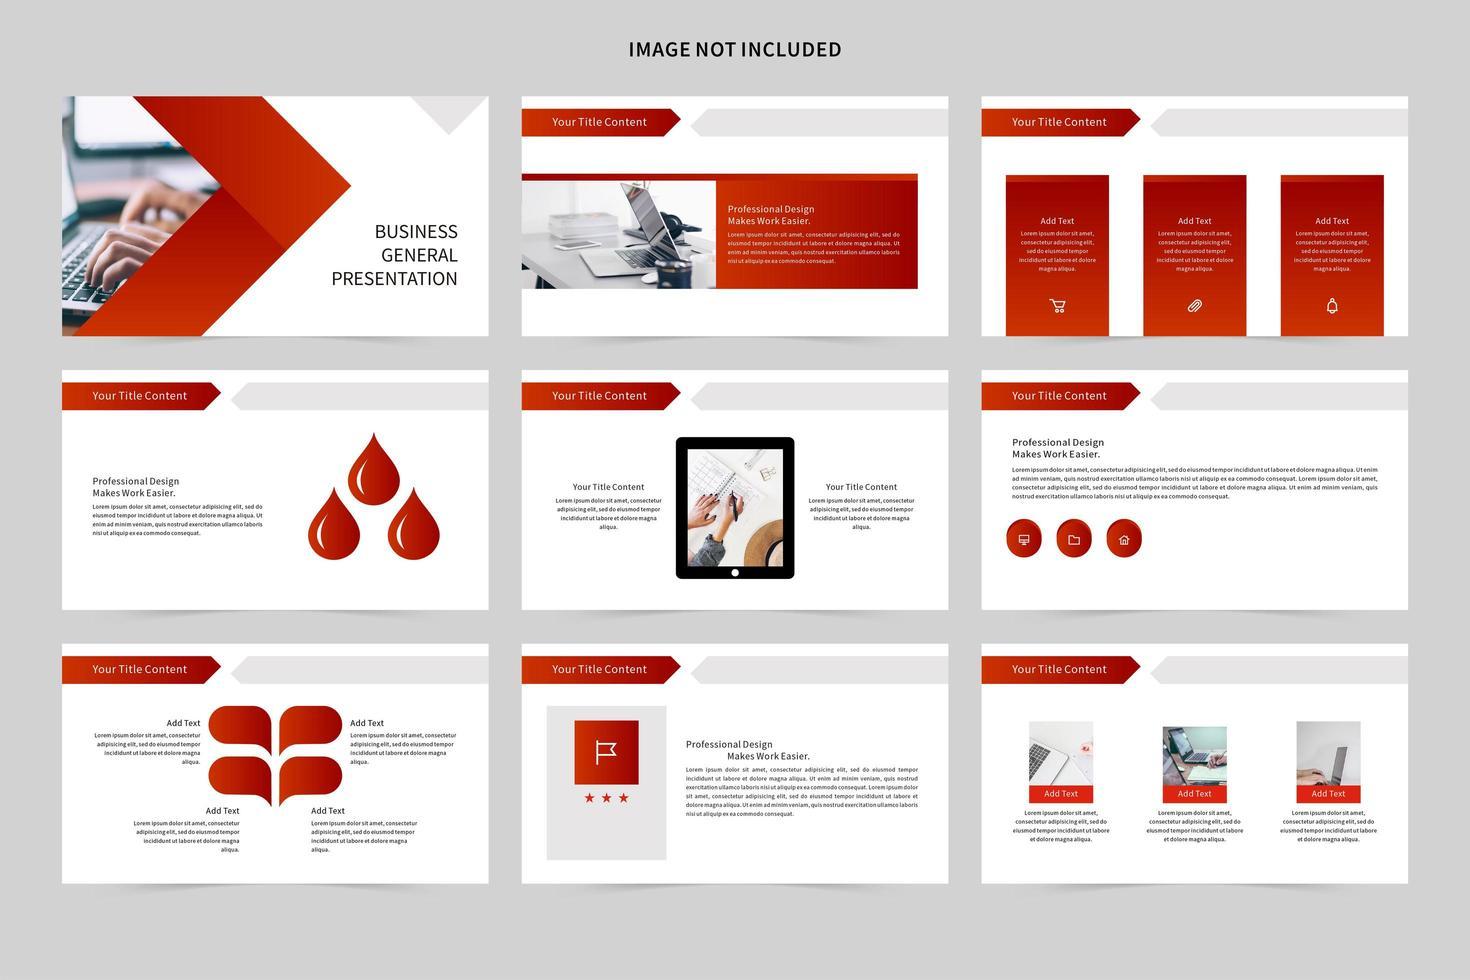 apresentação de slides de negócios branco e vermelho vetor